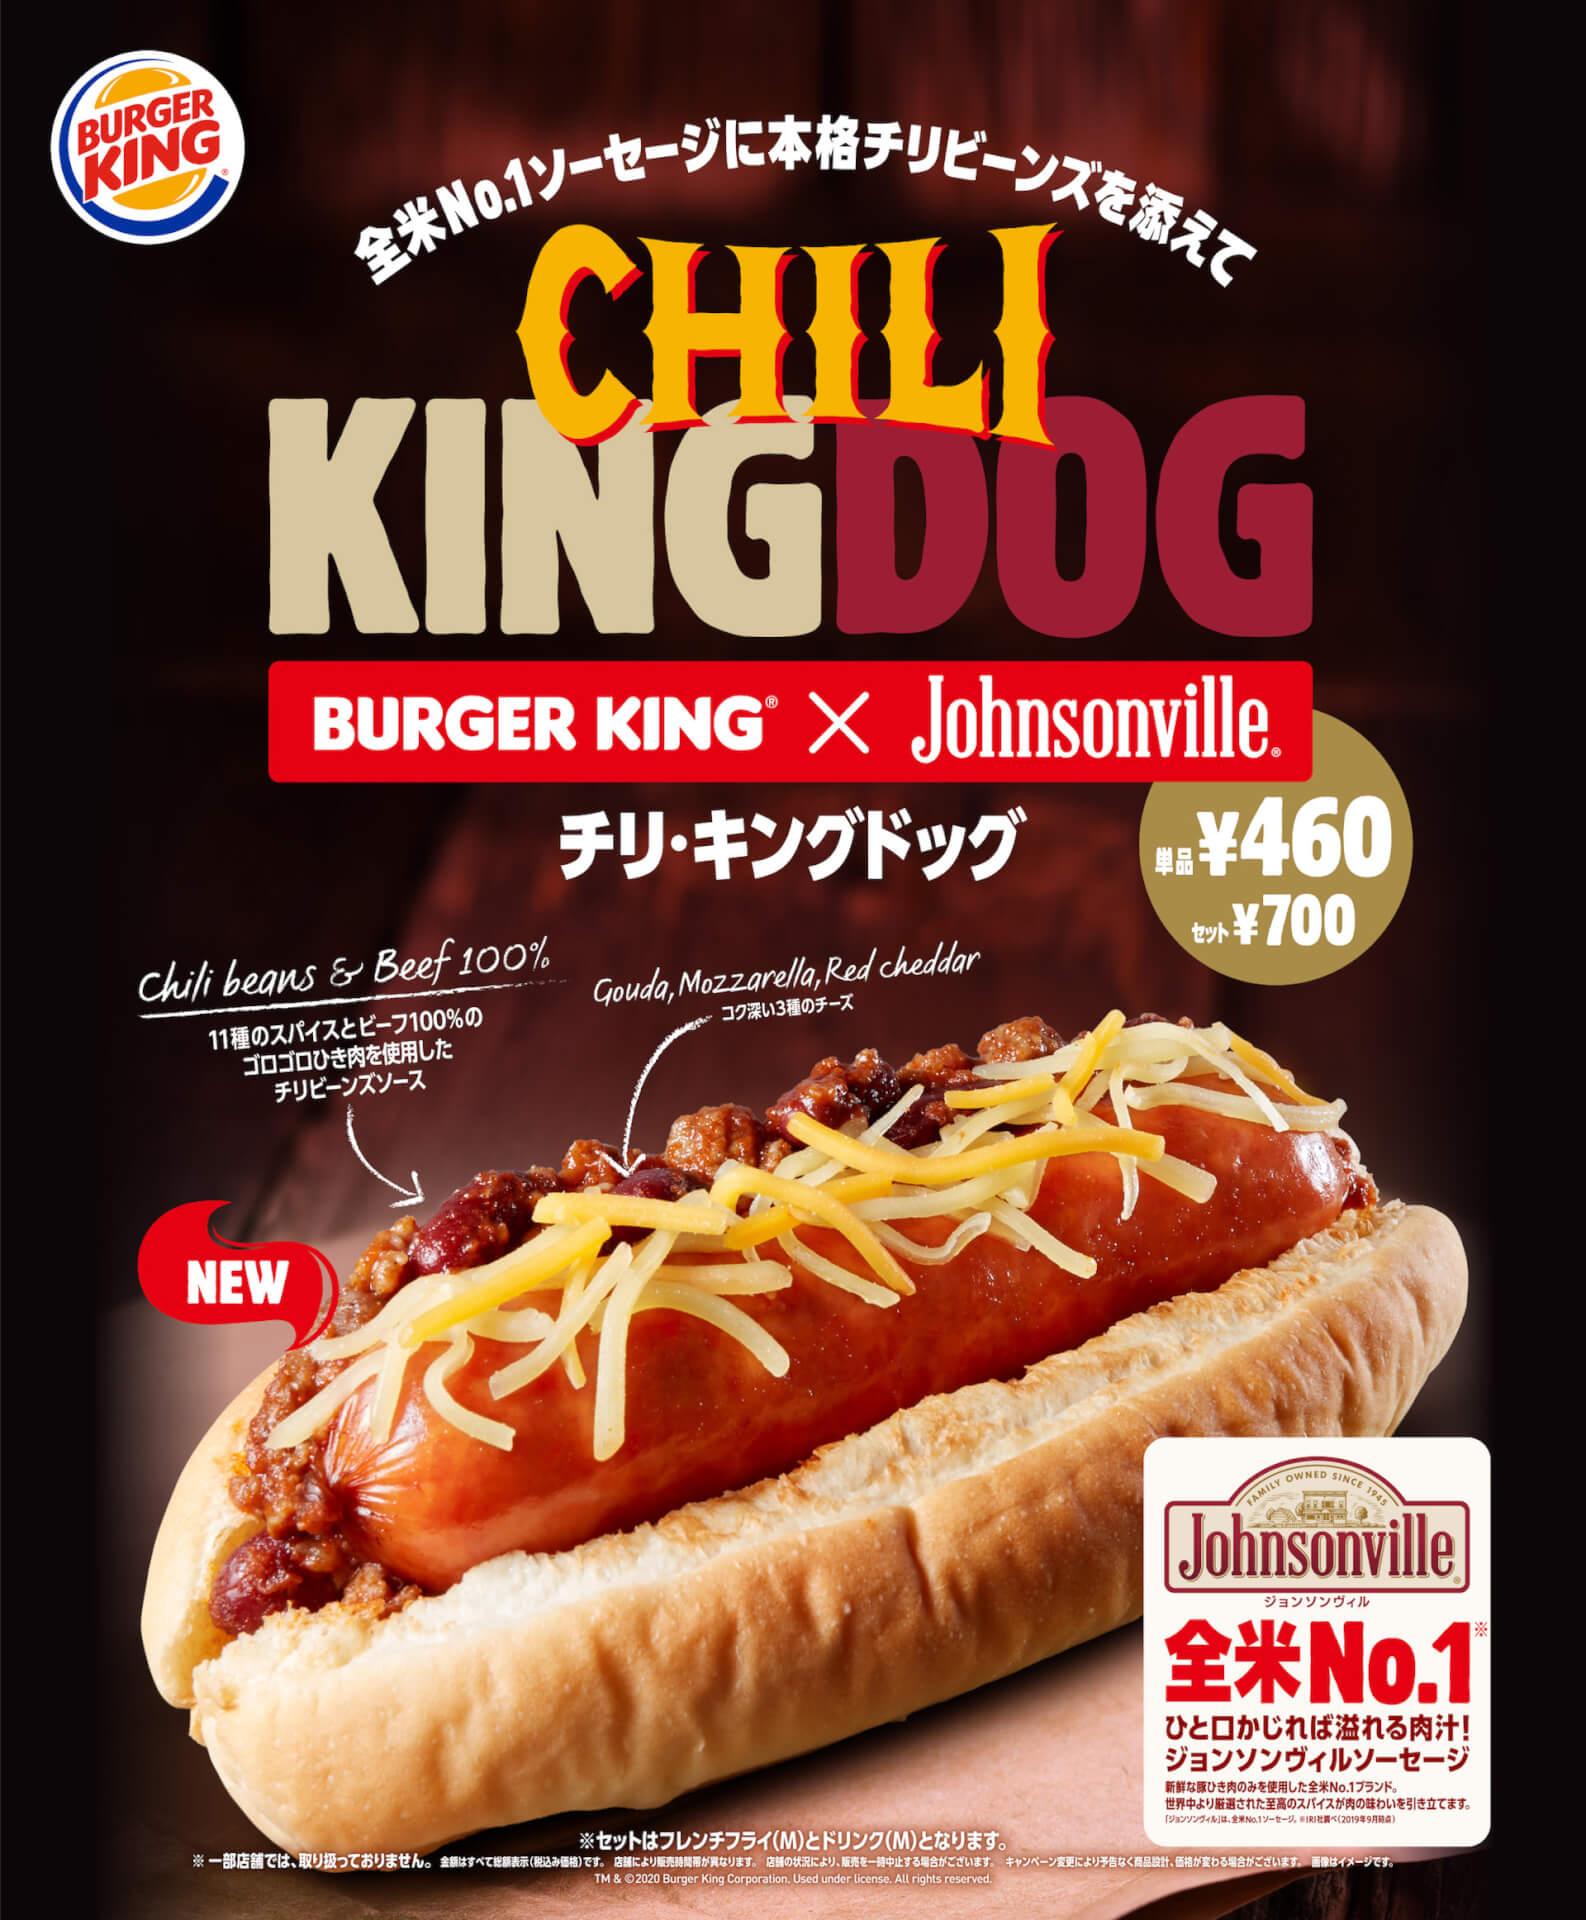 バーガーキングにチリビーンズソースとチーズのハーモニー抜群な『チリ・キングドッグ』が新登場!人気デザート『サンデー』が期間限定で120円に gourmet200904_burgerking_5